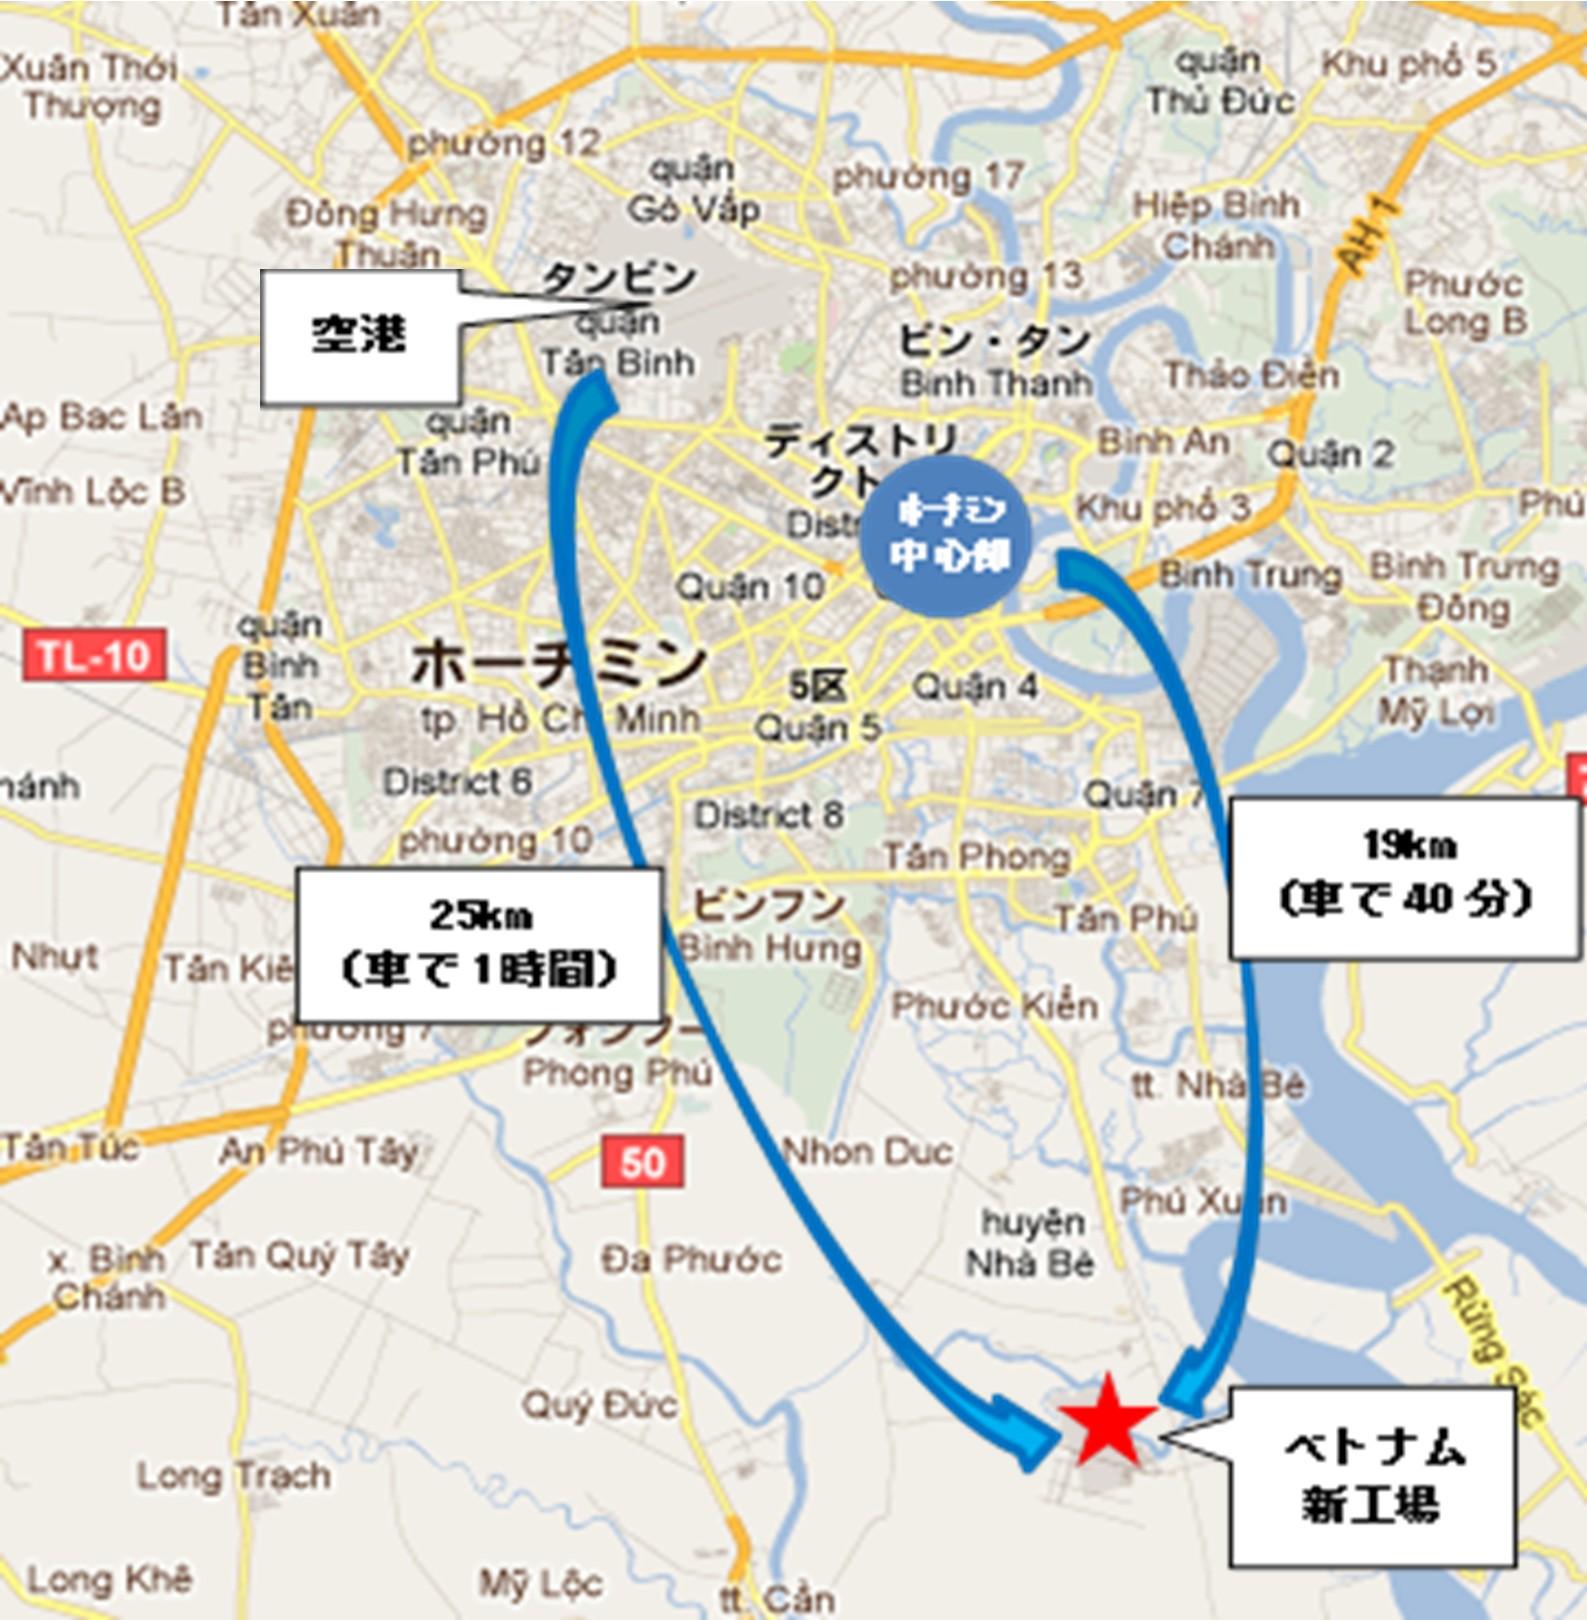 (インディード) 東京都   Indeed 冷凍機械責任者の求人 -